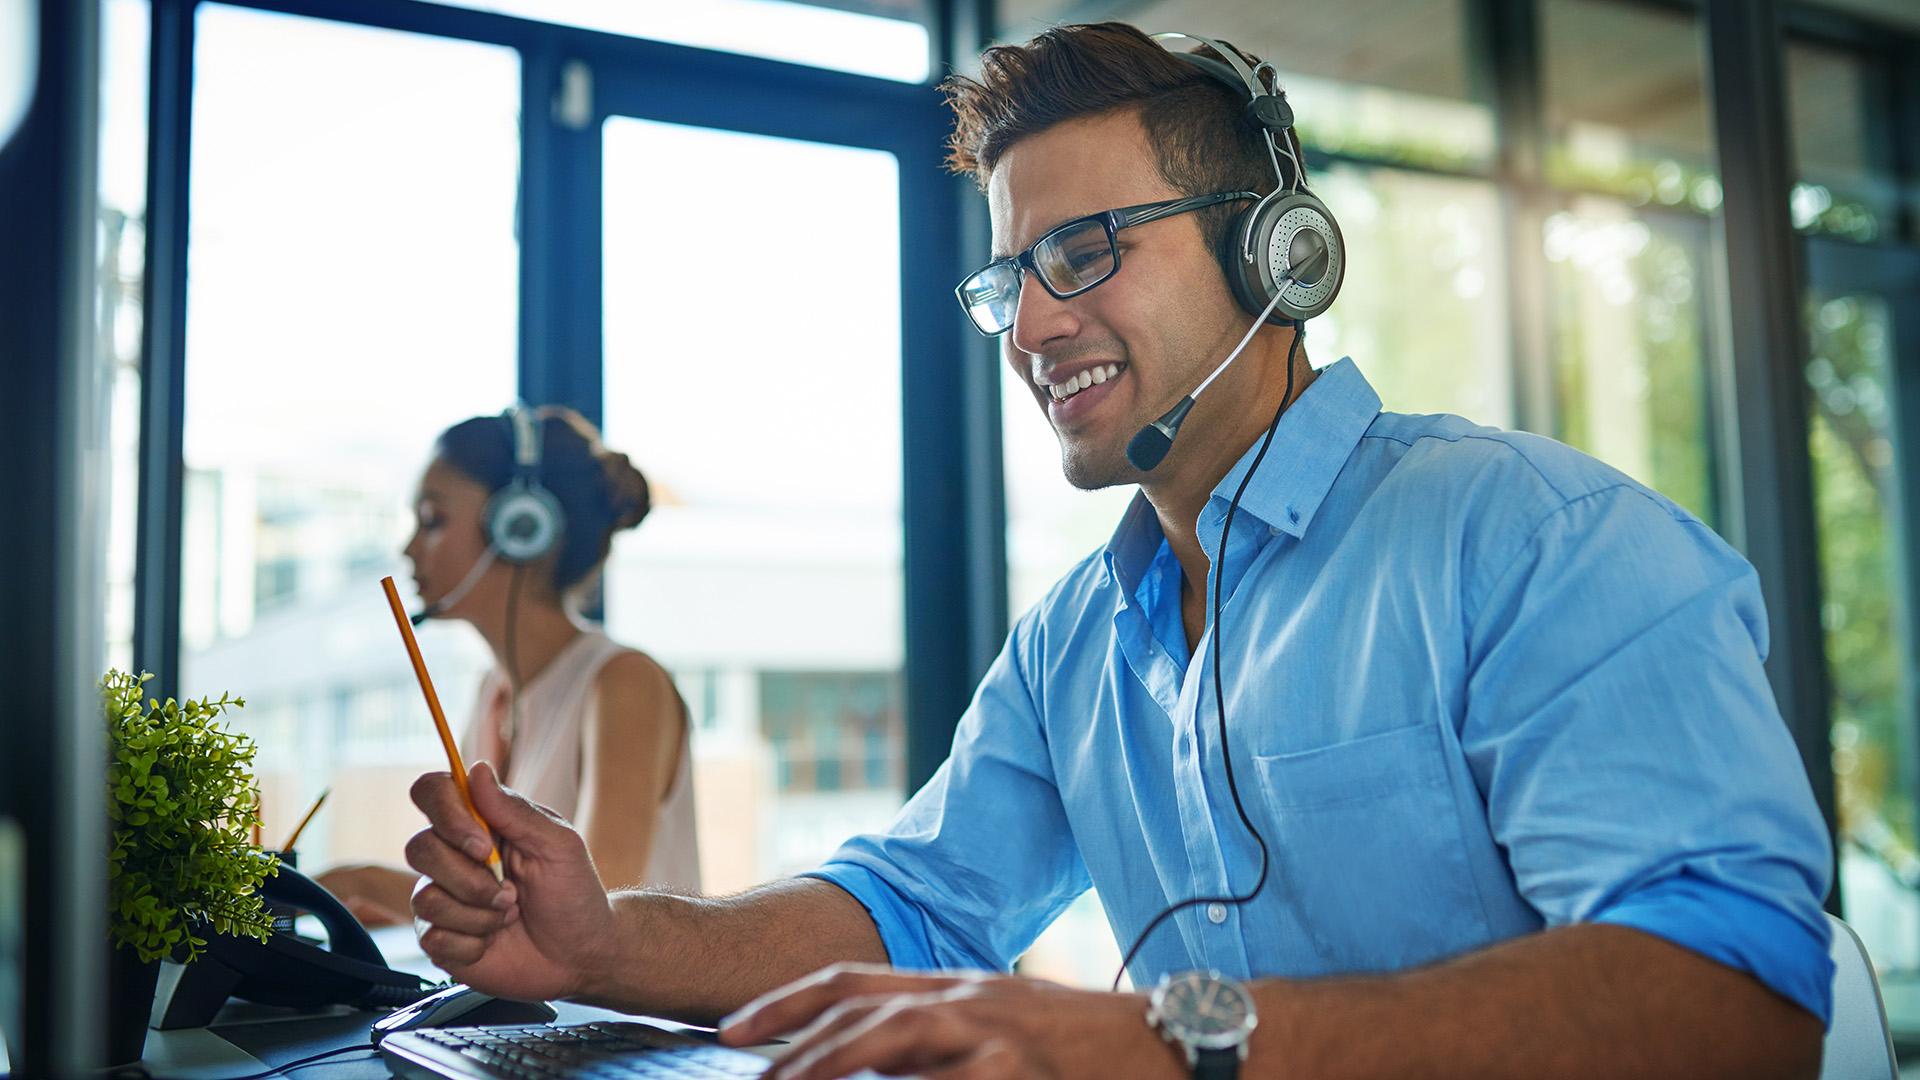 télémaintenance d'automates de télégestion, télémaintenance de réseaux de supervision